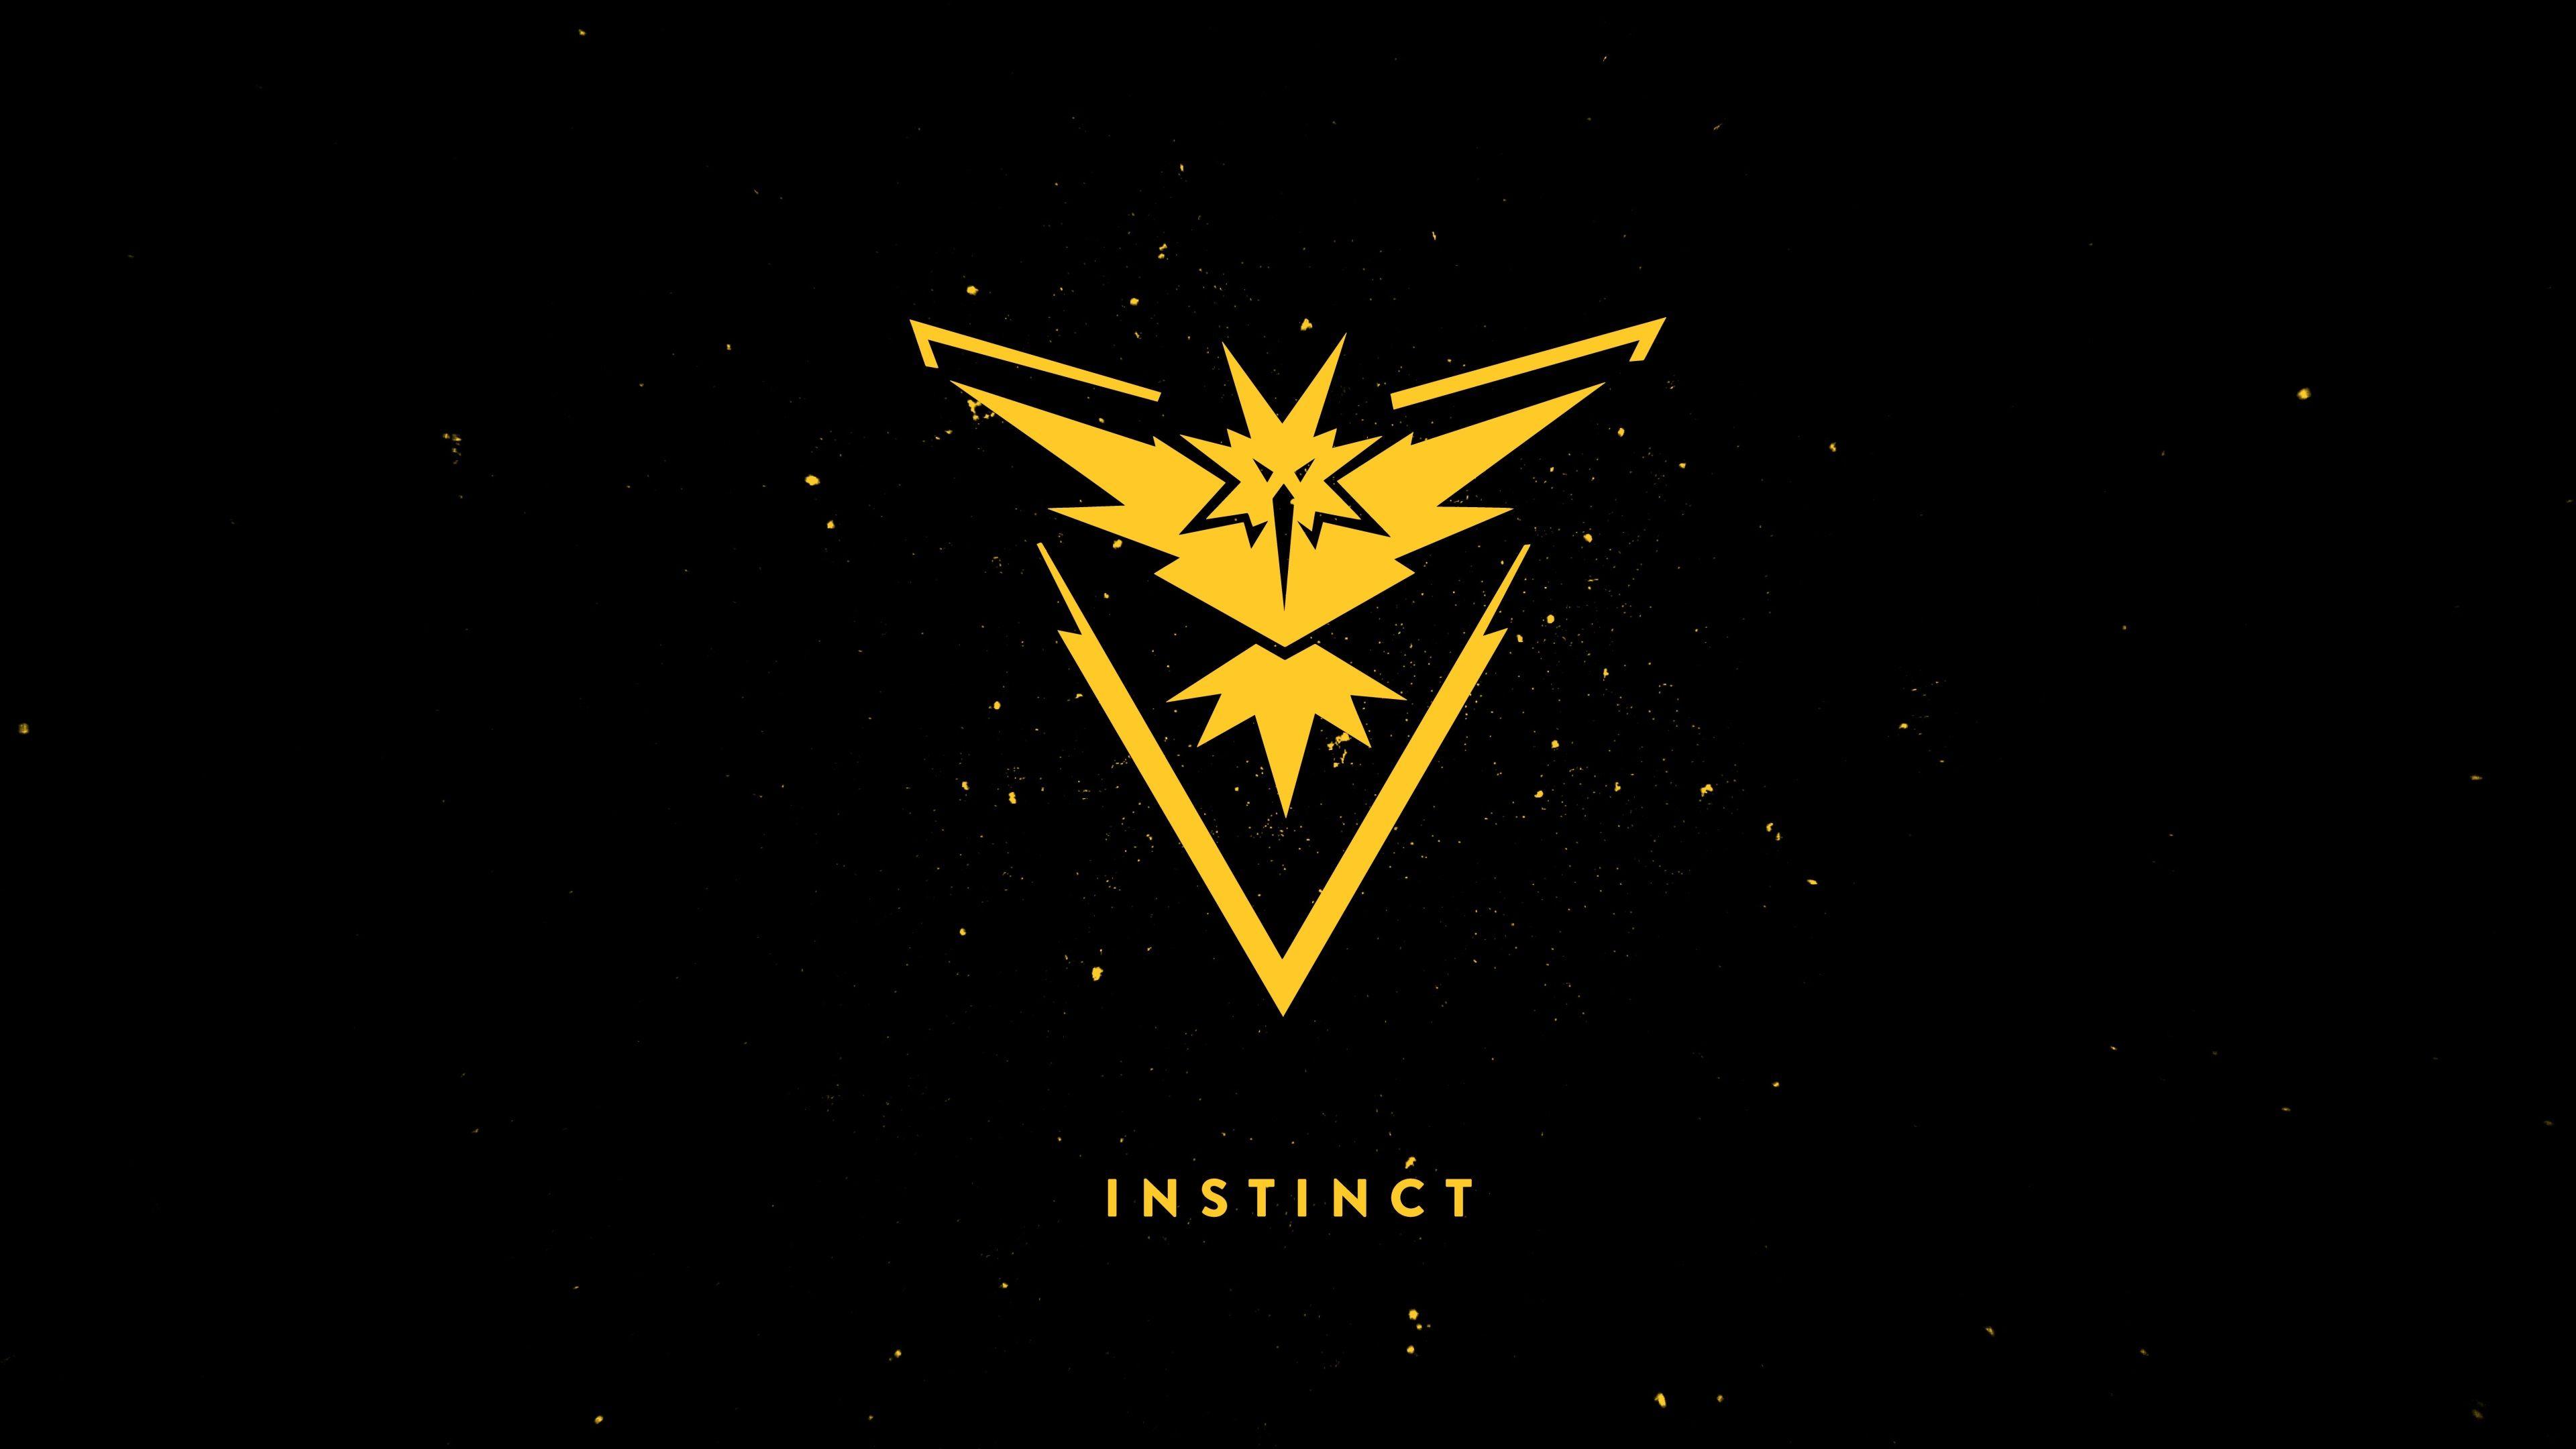 3840x2160 Team Instinct 4k New Hd Pc Wallpaper Dark Background Wallpaper Team Instinct Instinct